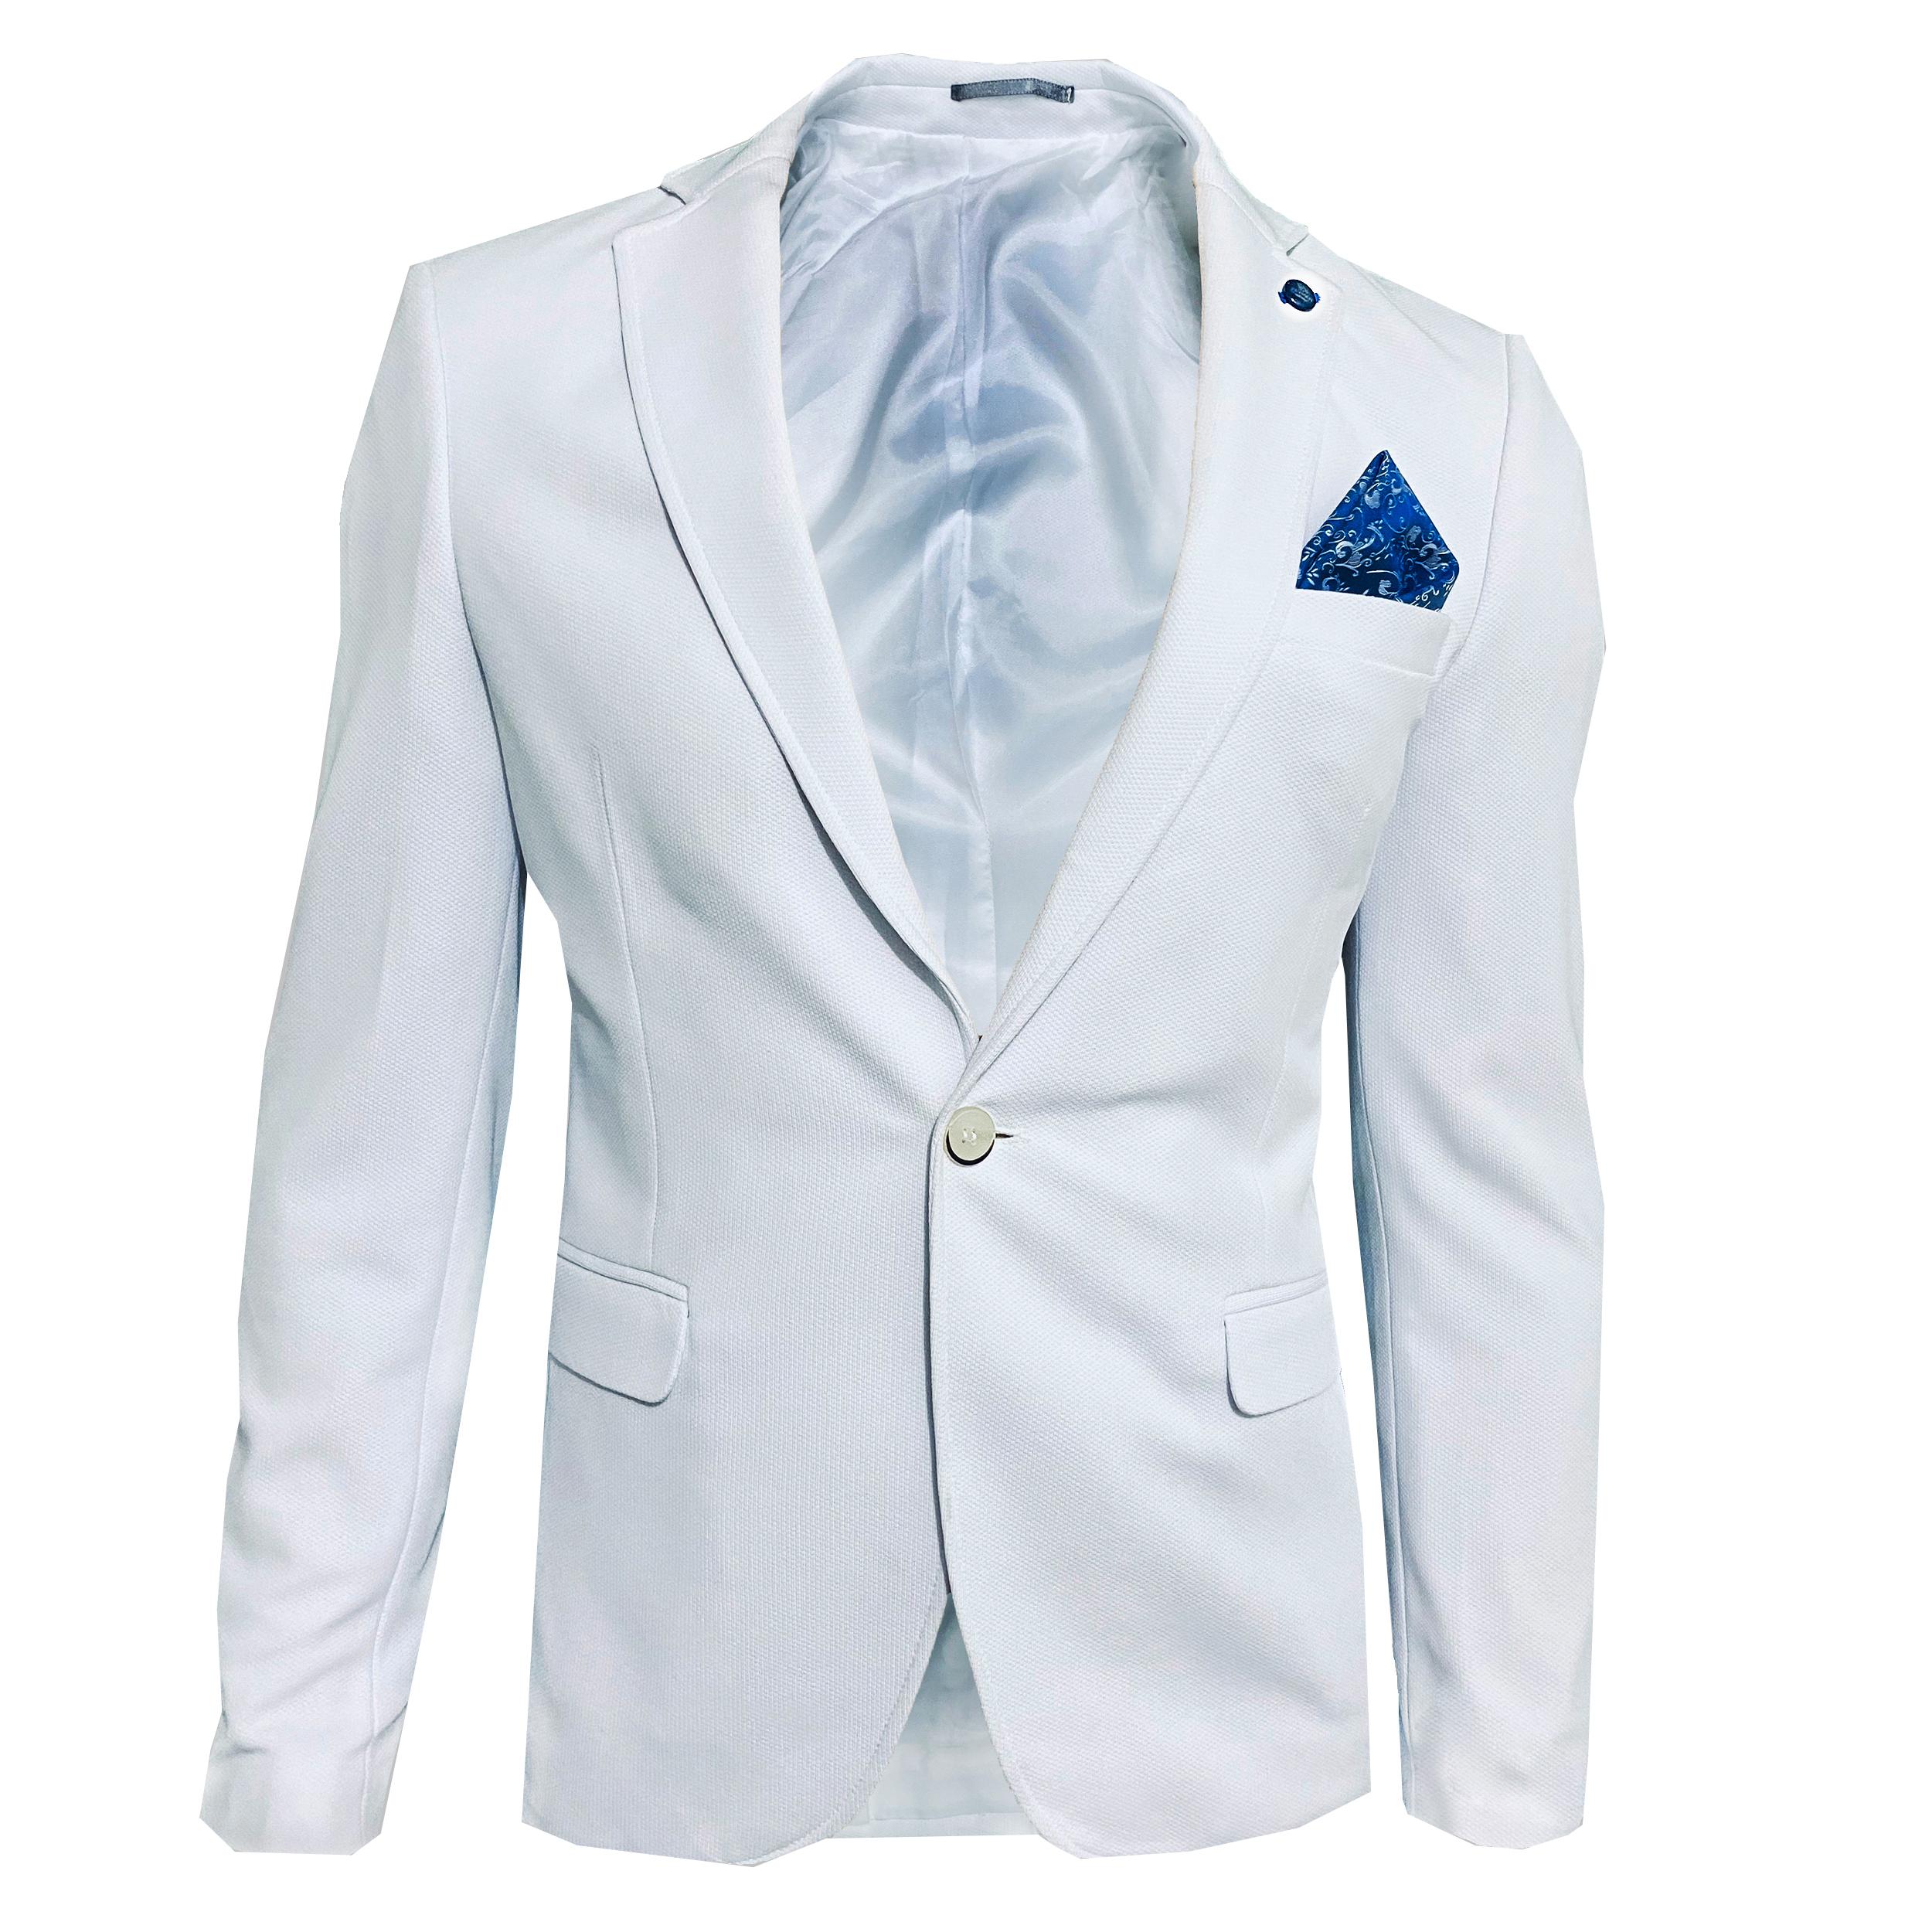 کت تک مردانه زیمن مدل 007sd